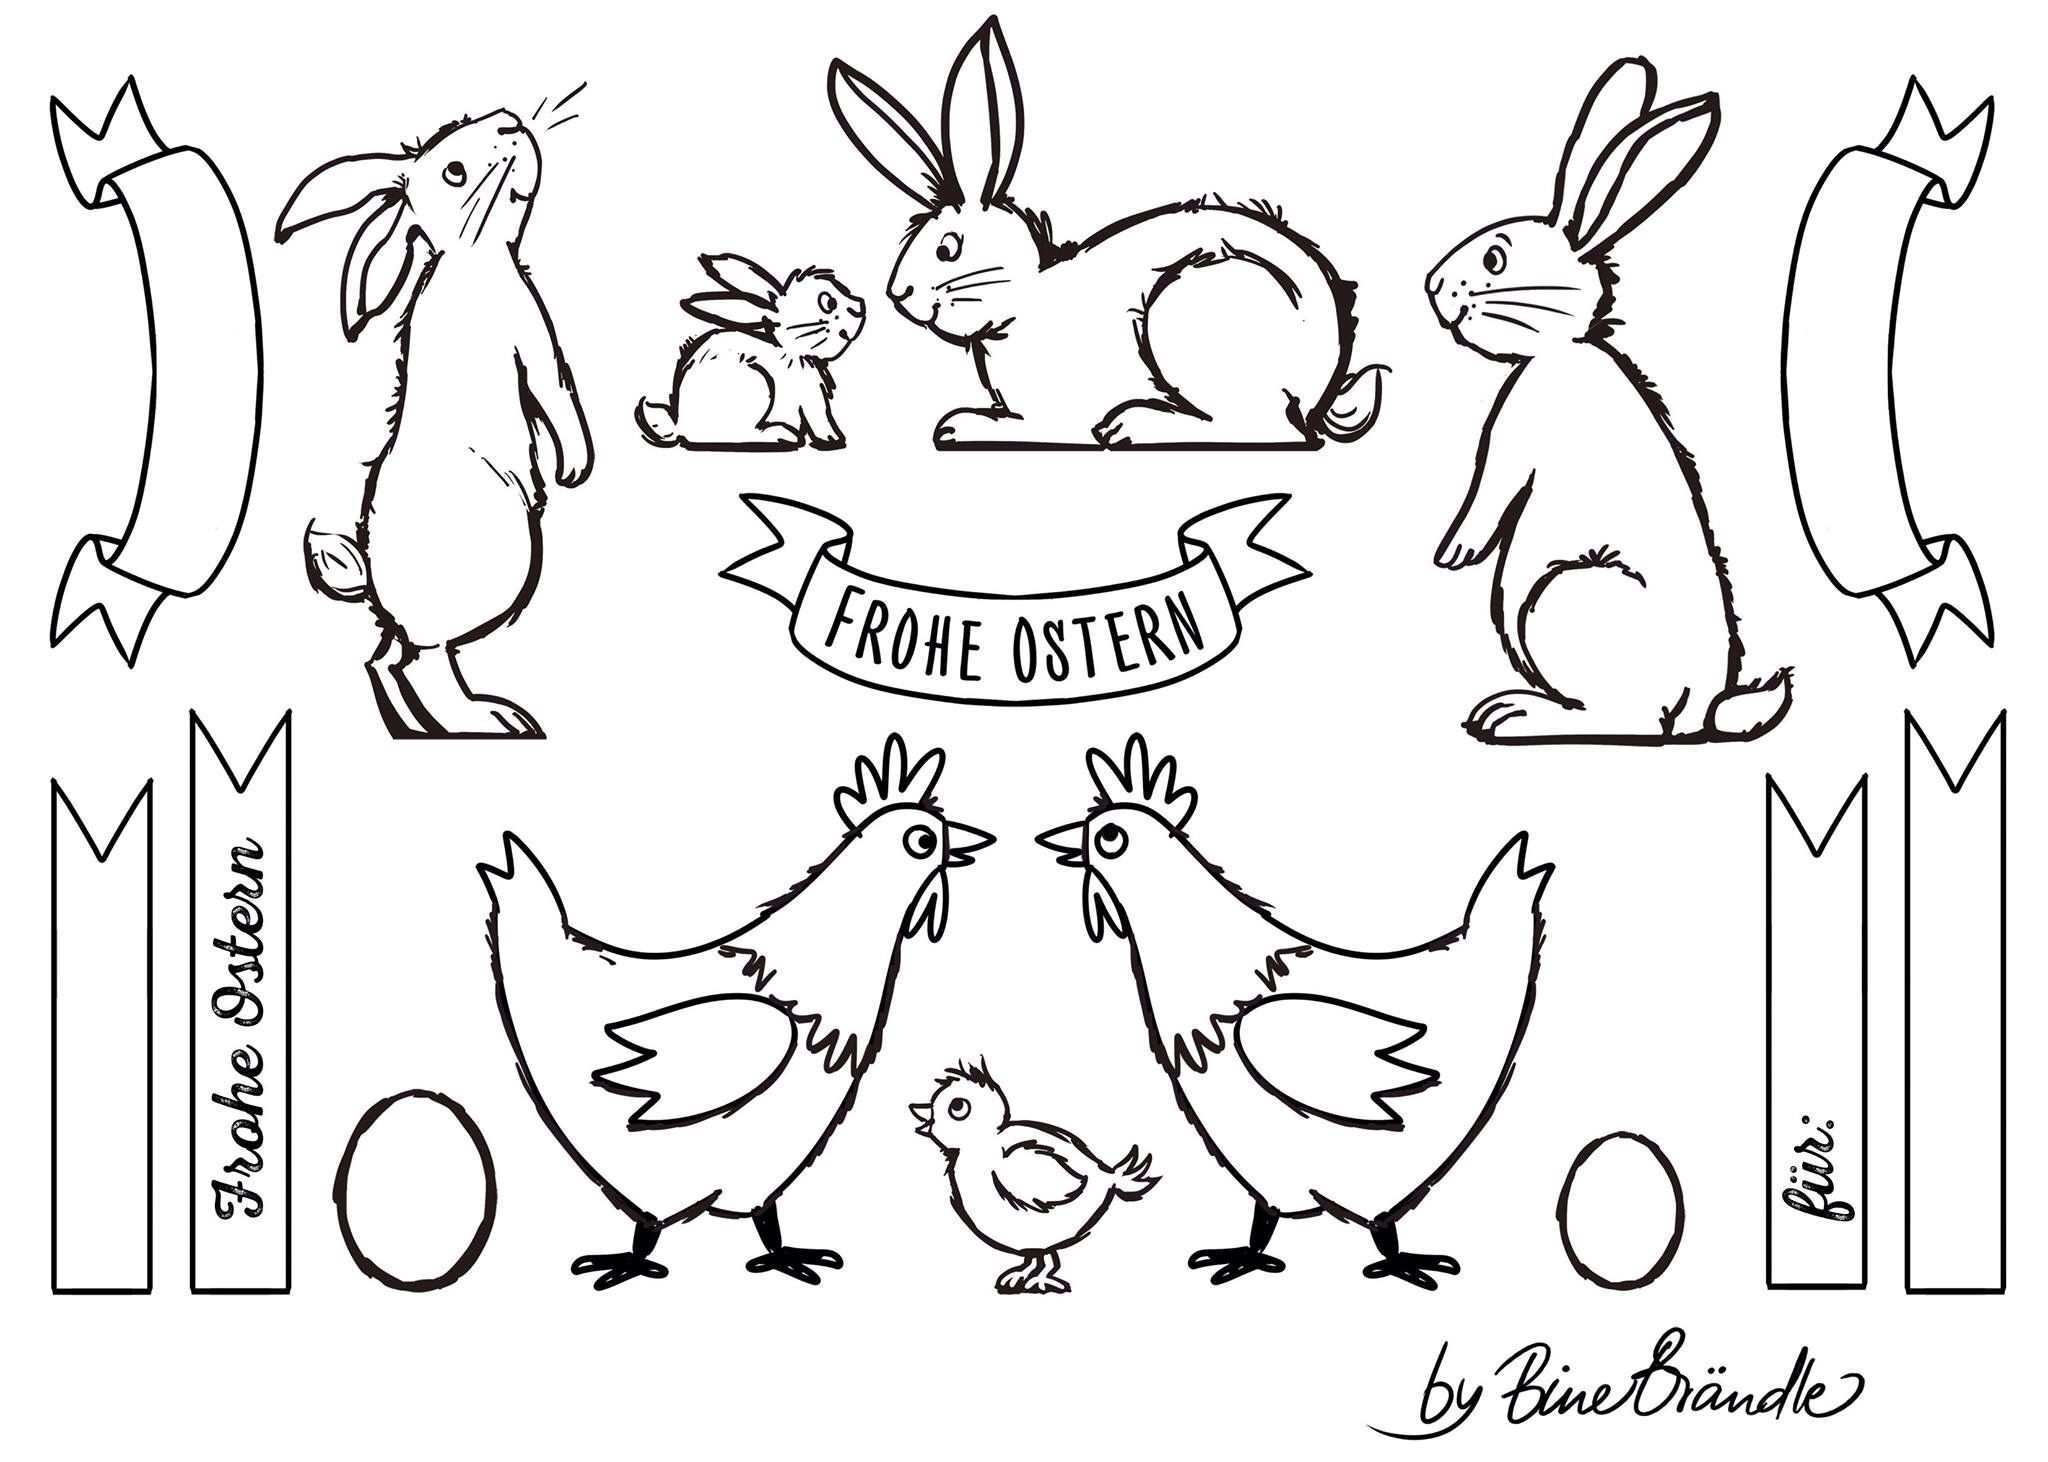 Bine Brandle Frohe Ostern Ostern Malen Kreidezeichnungen